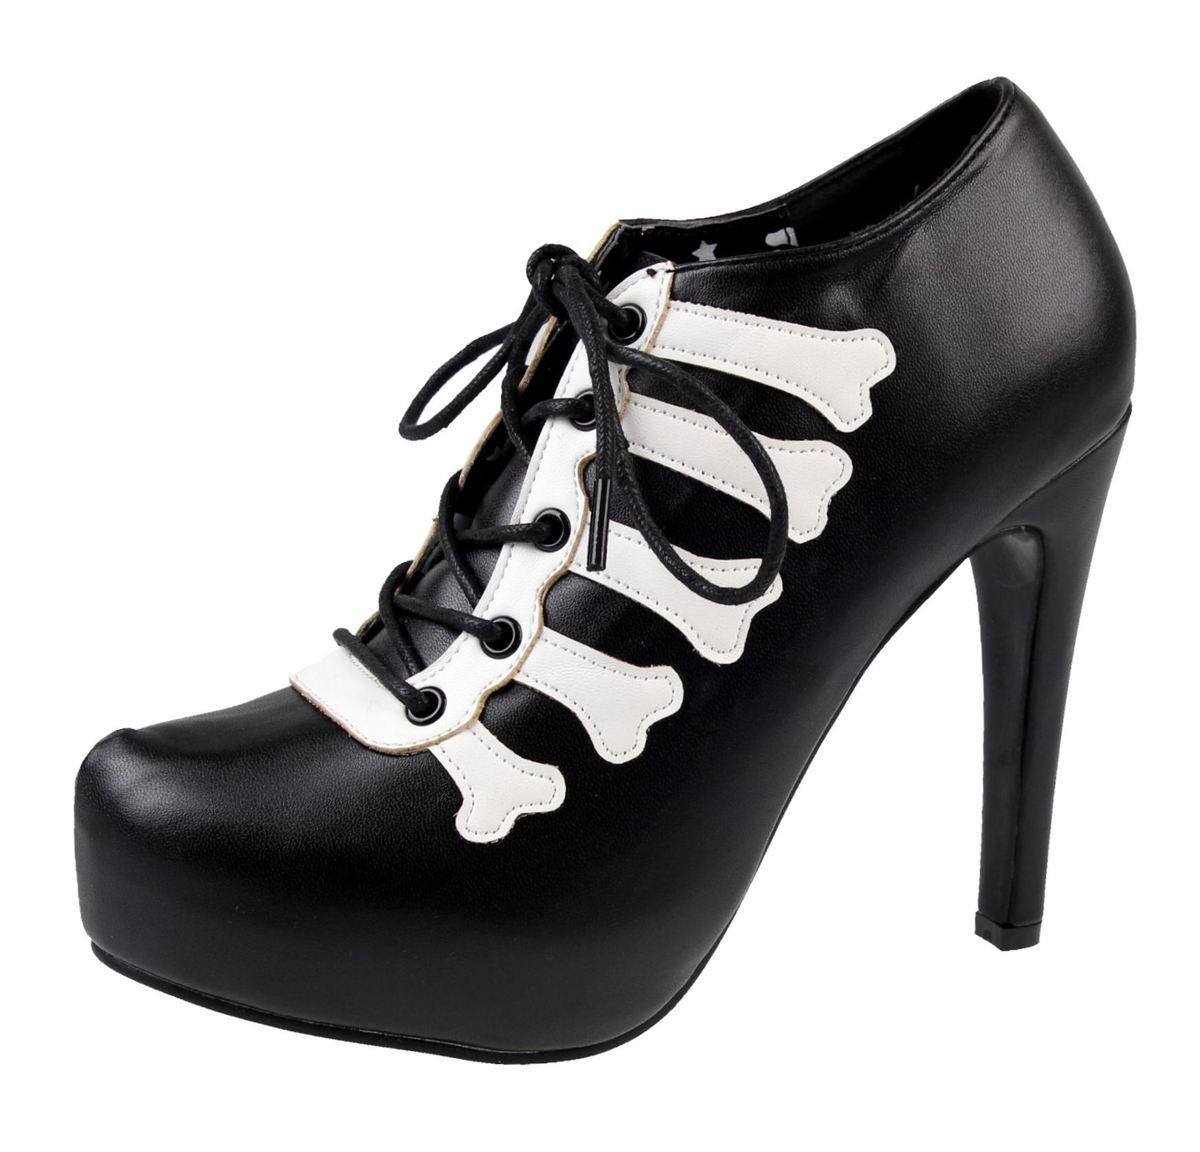 boty dámské (střevíce) IRON FIST - Wishbone Platform - Black - IFW004412